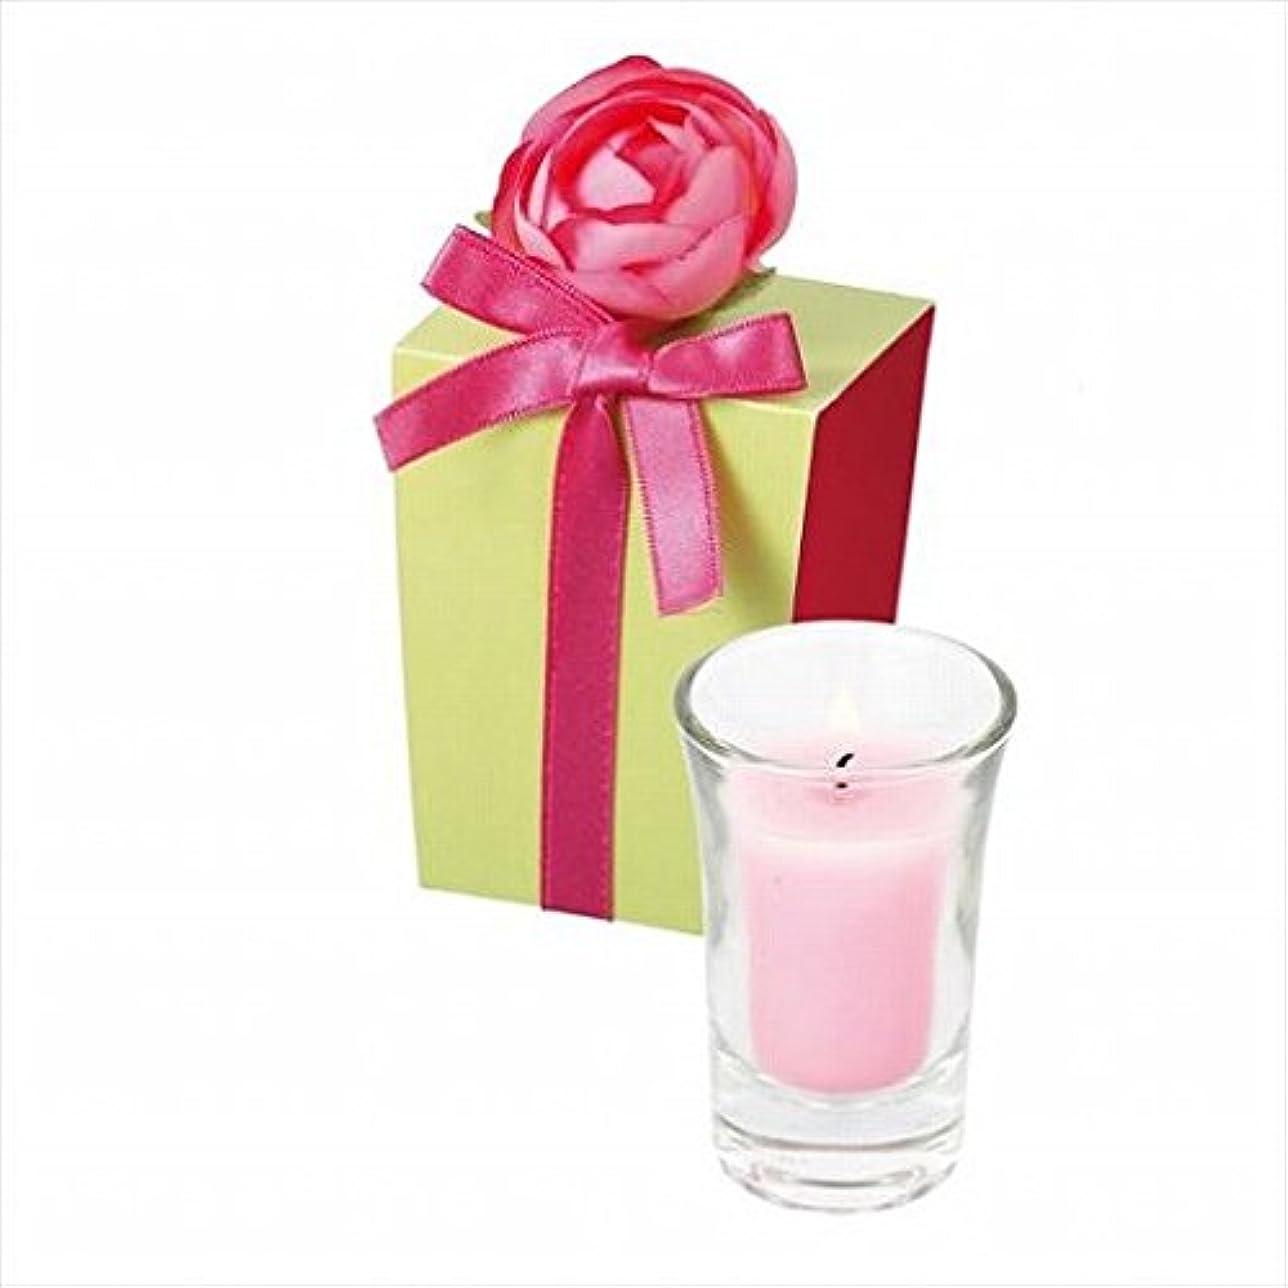 仕立て屋化合物ピアニストkameyama candle(カメヤマキャンドル) ラナンキュラスグラスキャンドル 「 ピンク 」(A9390500PK)